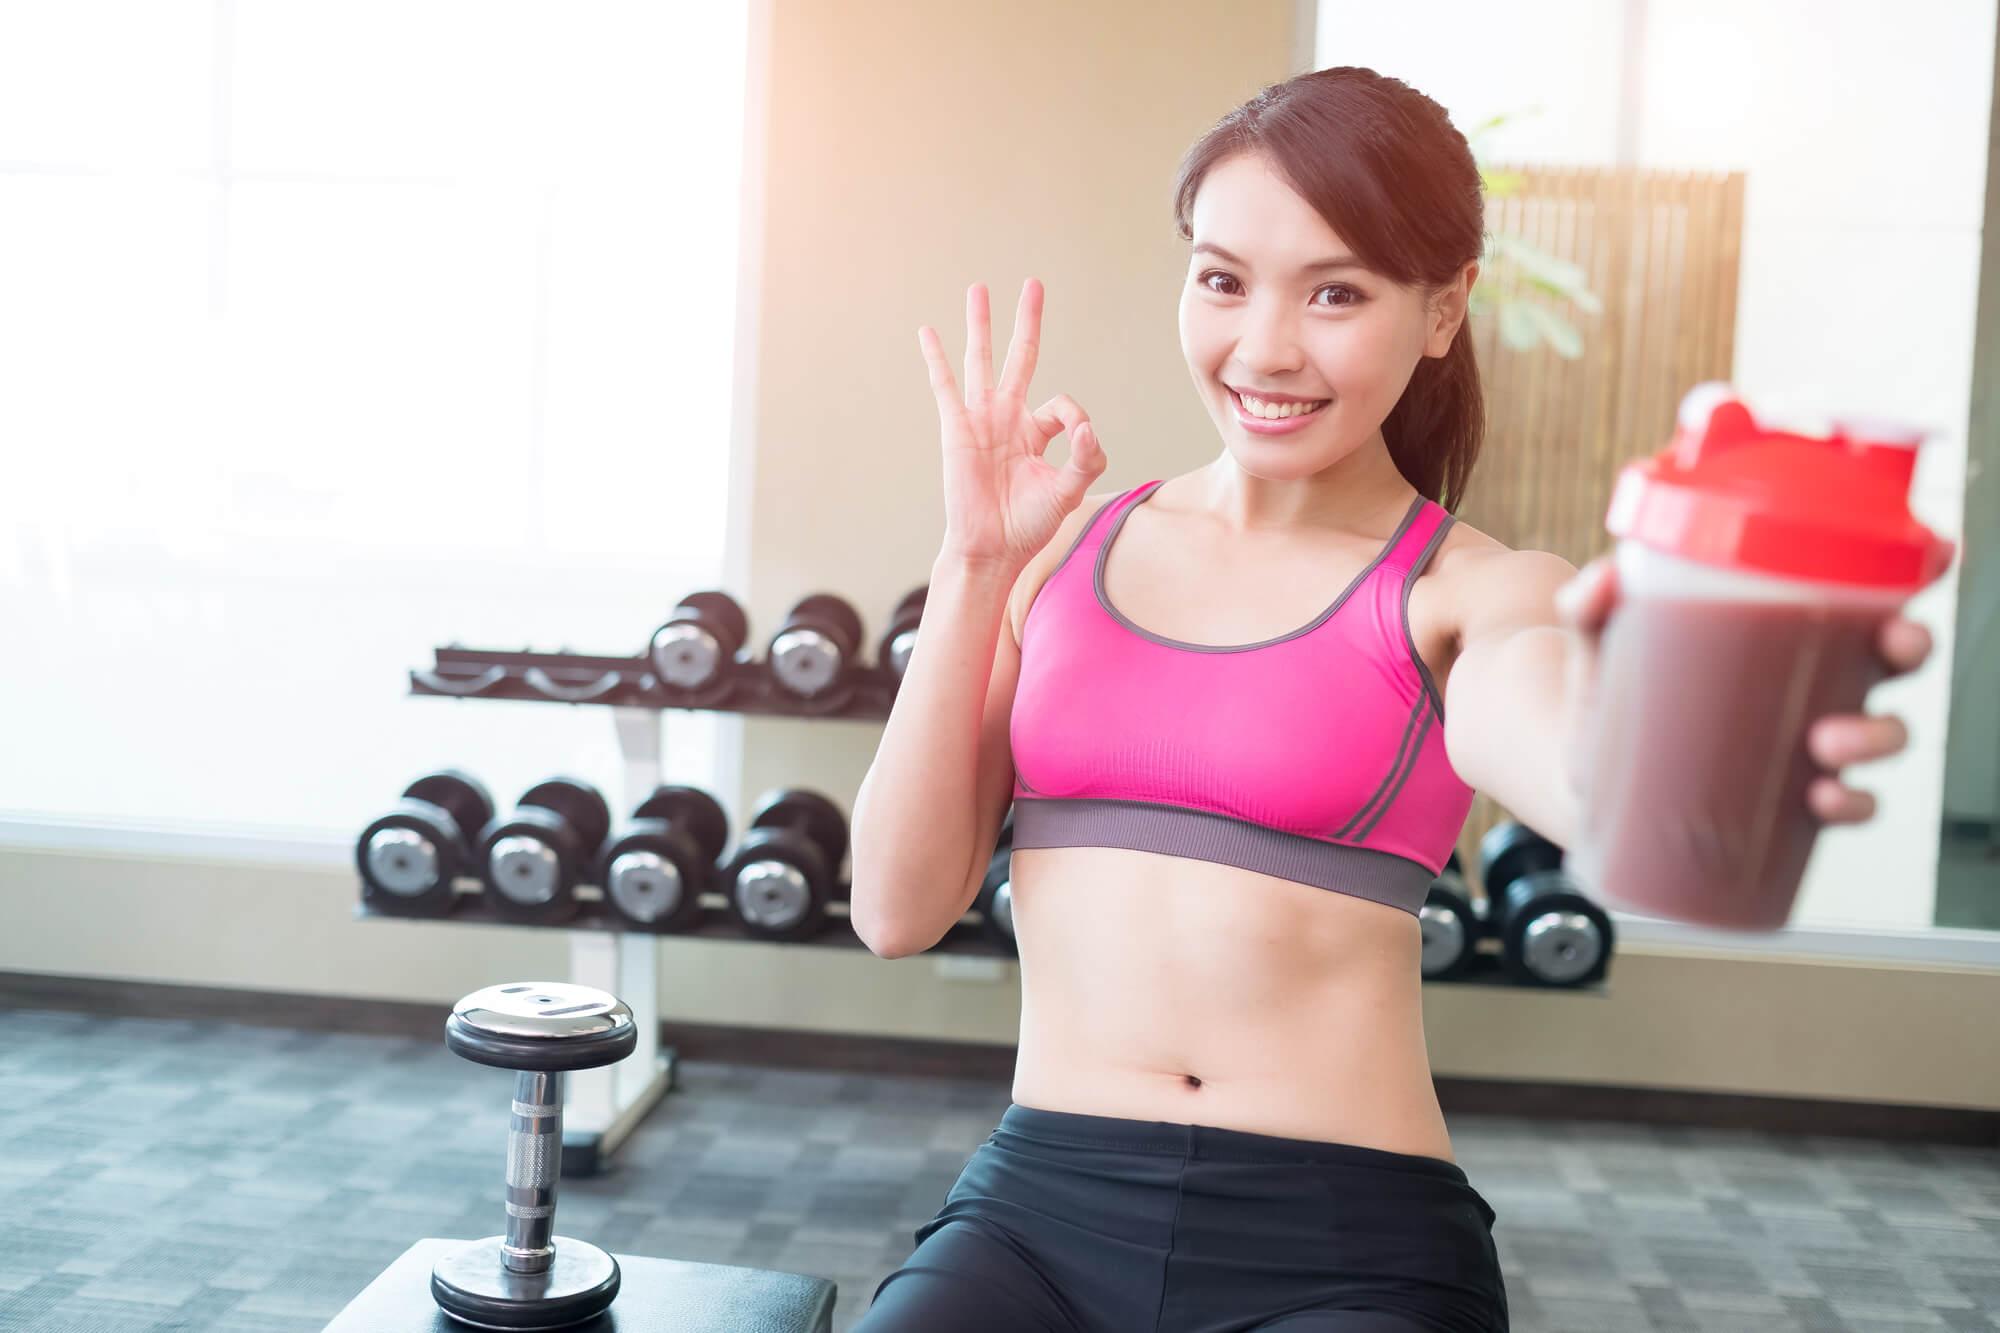 女性のダイエットにプロテインが欠かせない理由と選び方を徹底解説